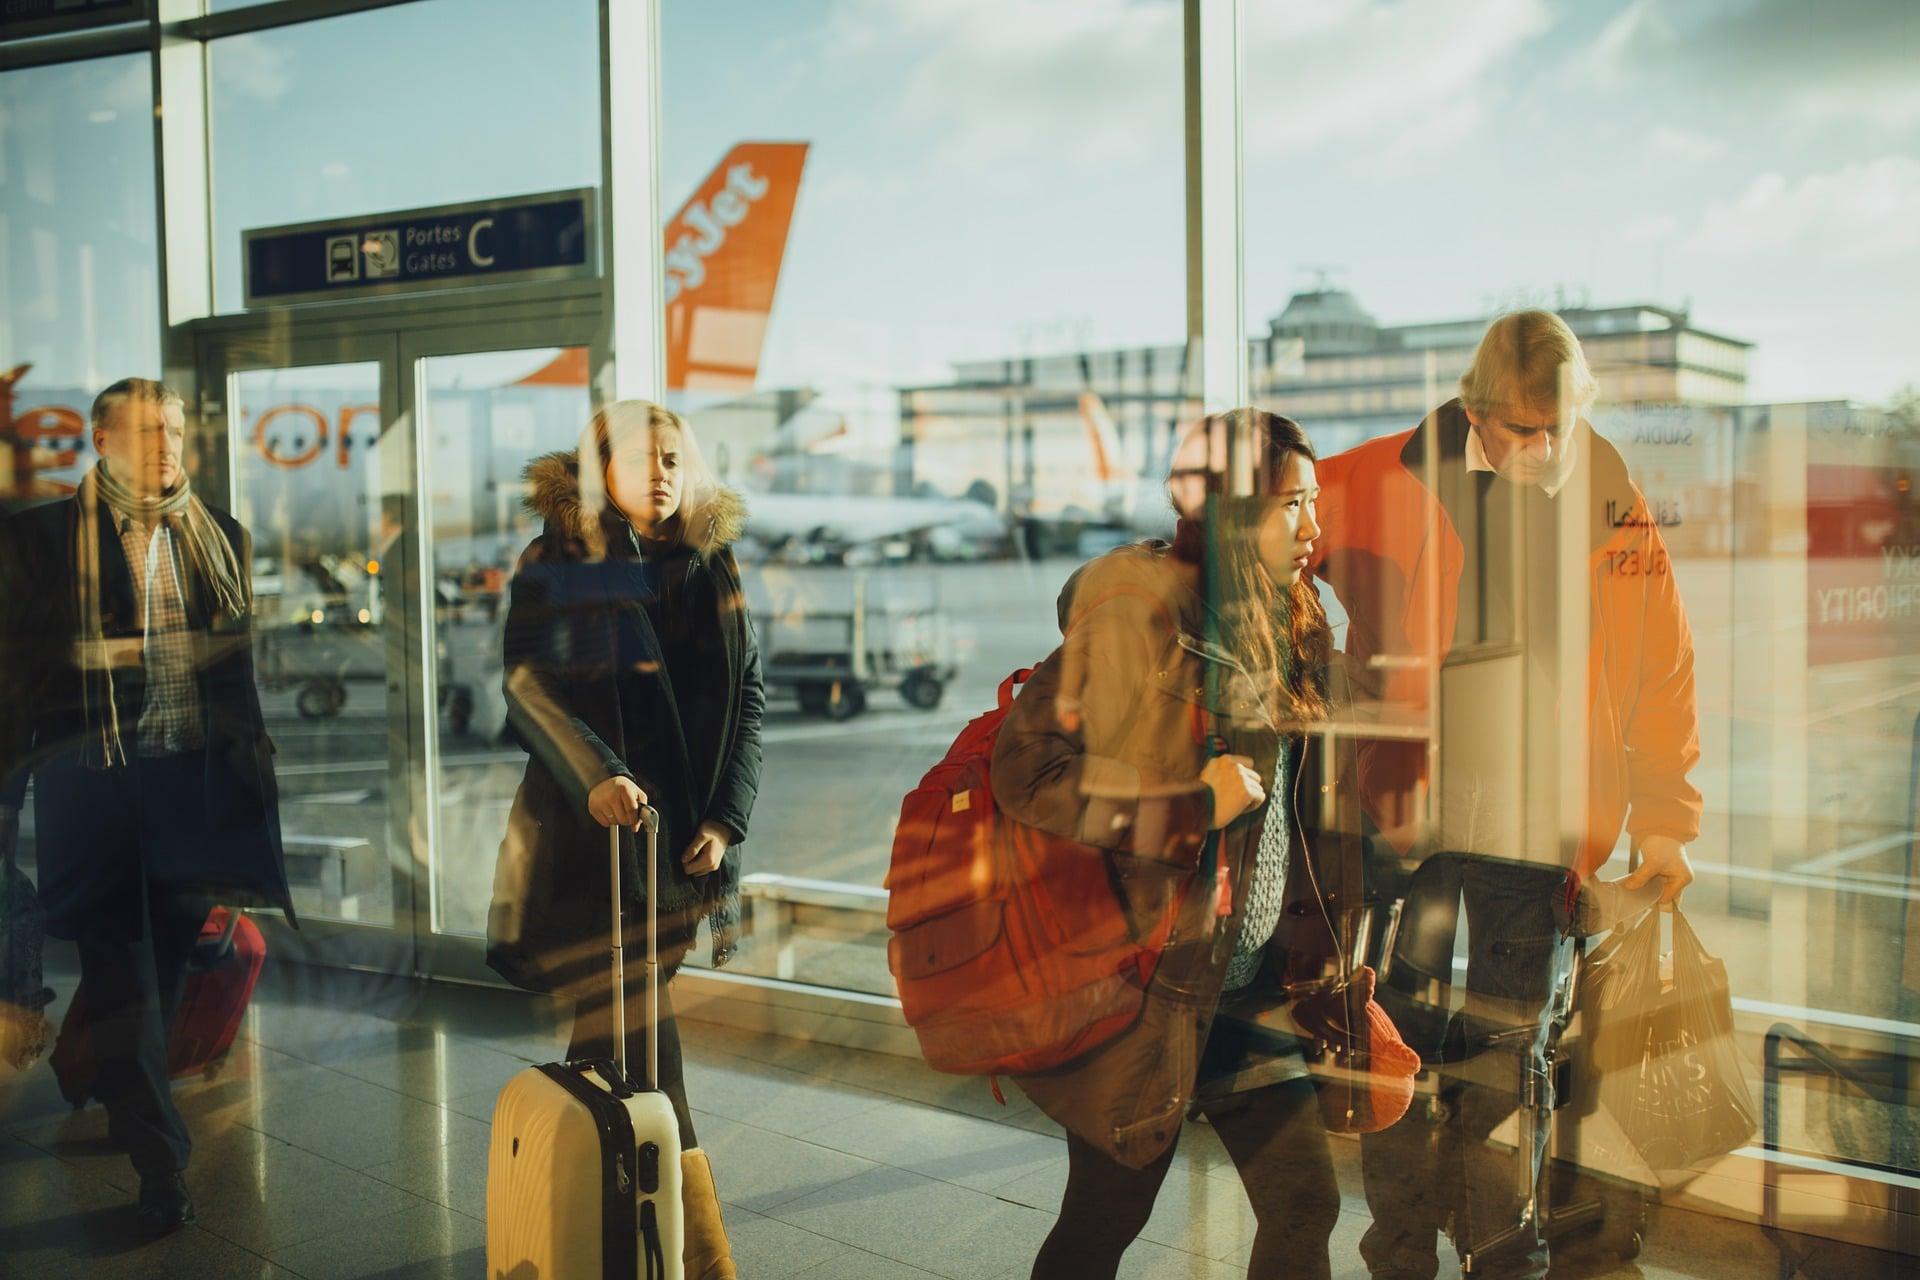 Reisende am Airport mit Gepäck